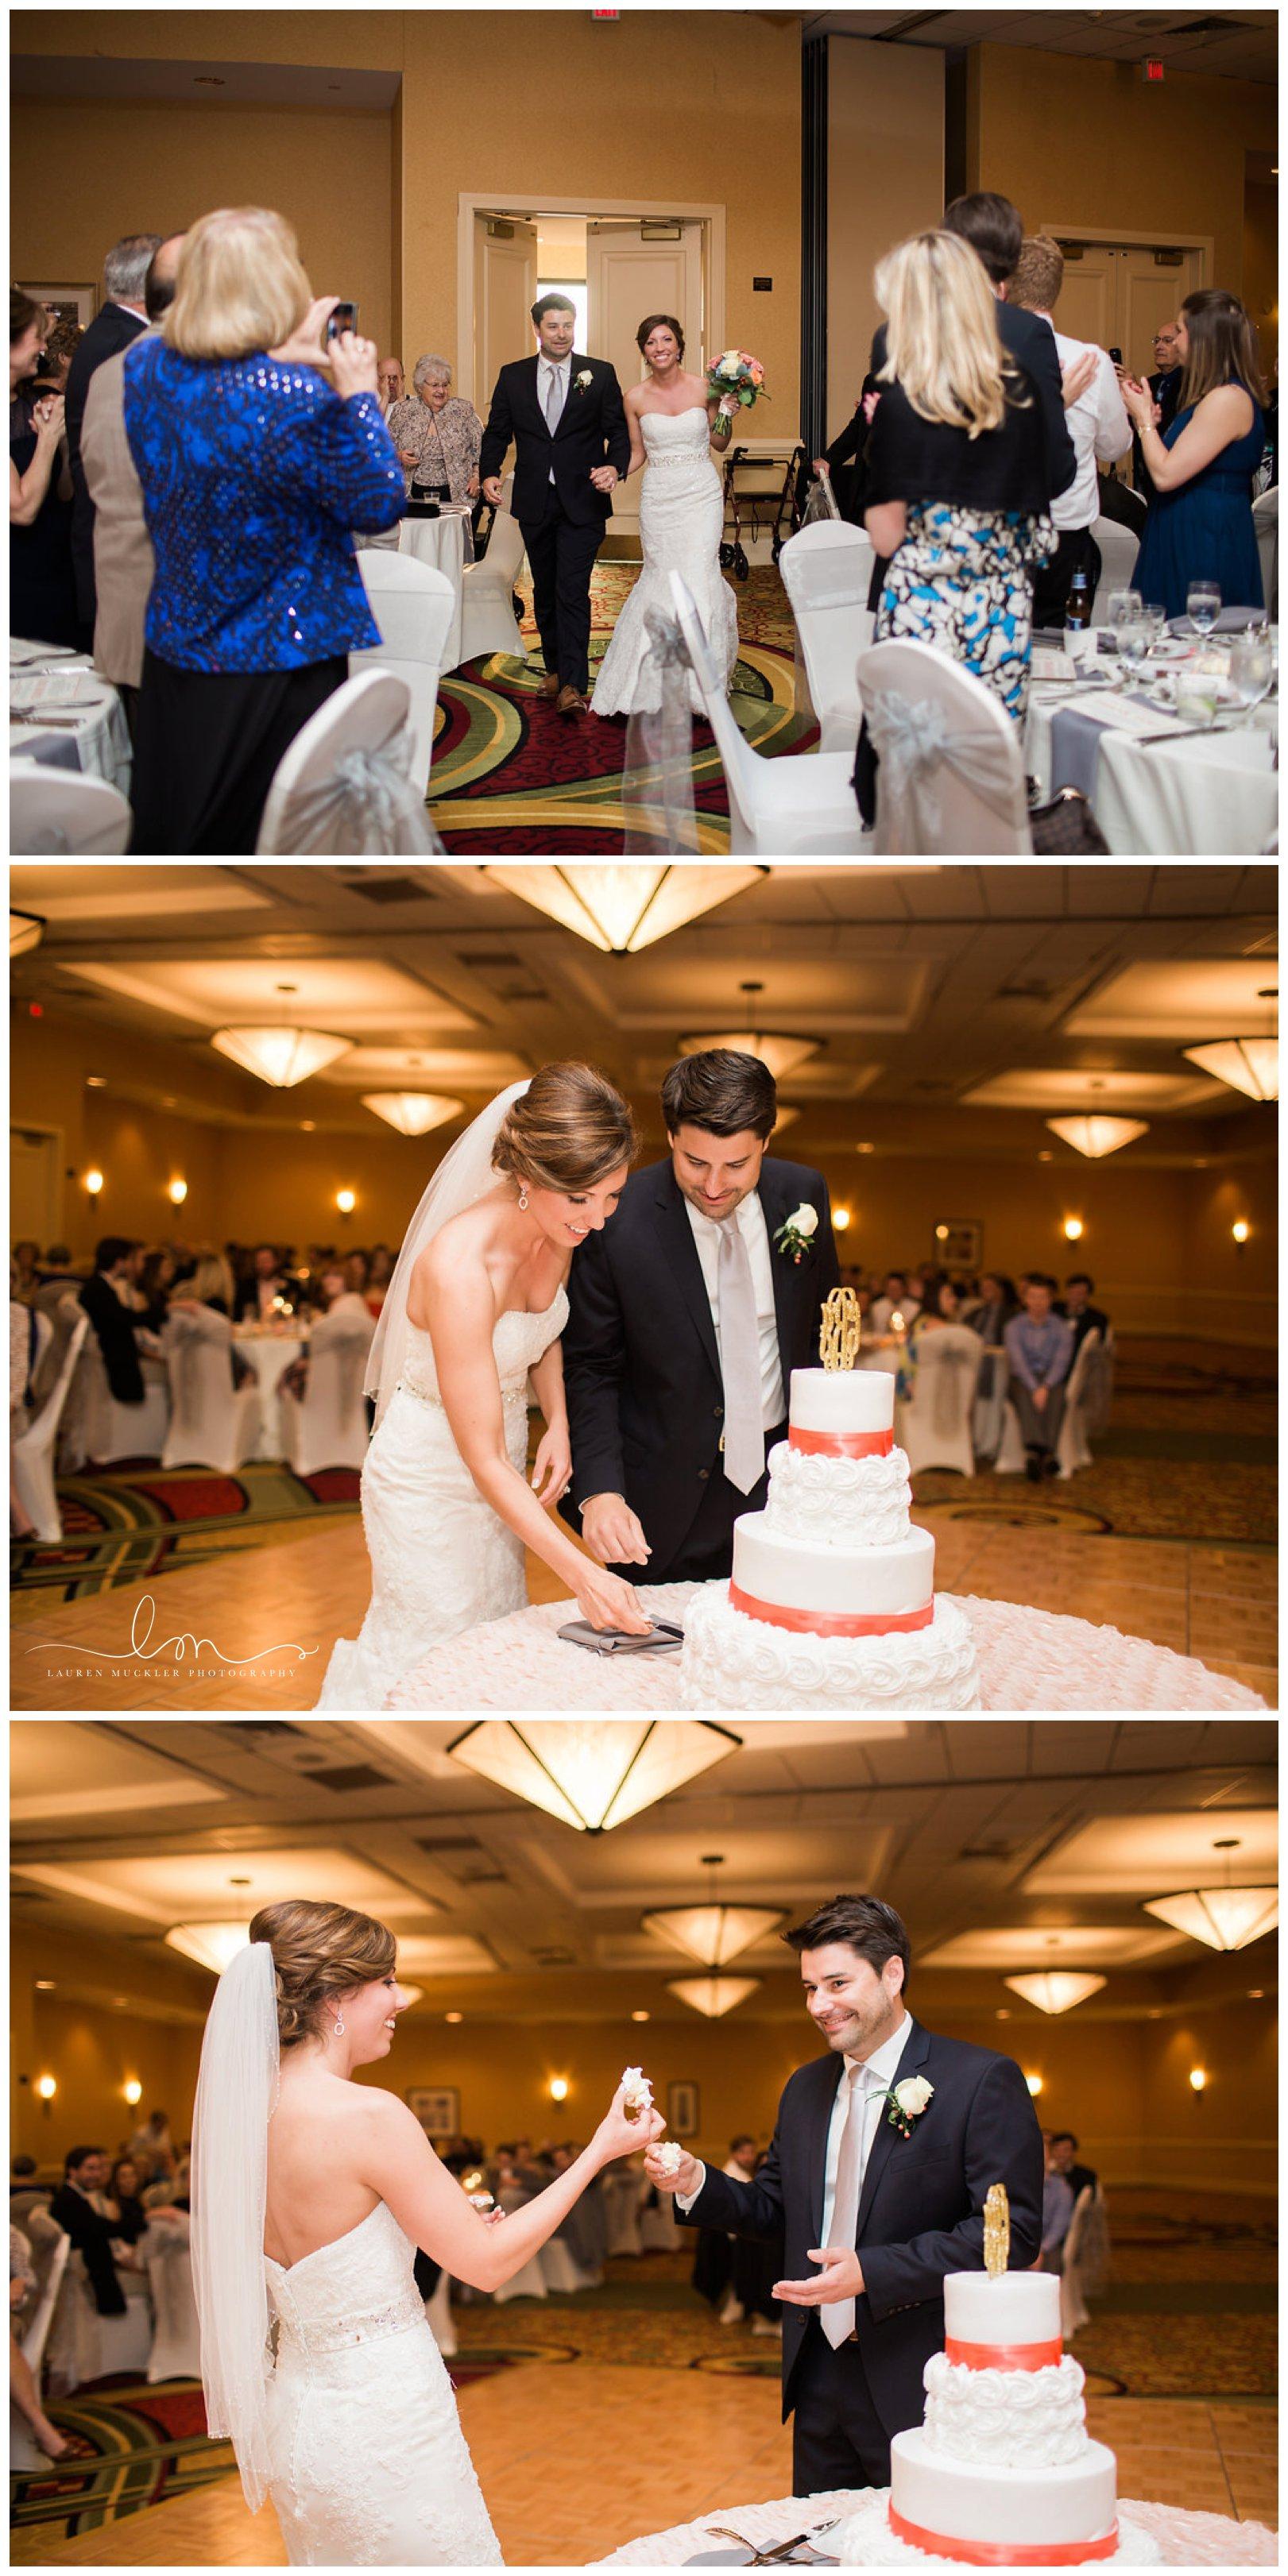 lauren muckler photography_fine art film wedding photography_st louis_photography_0024.jpg